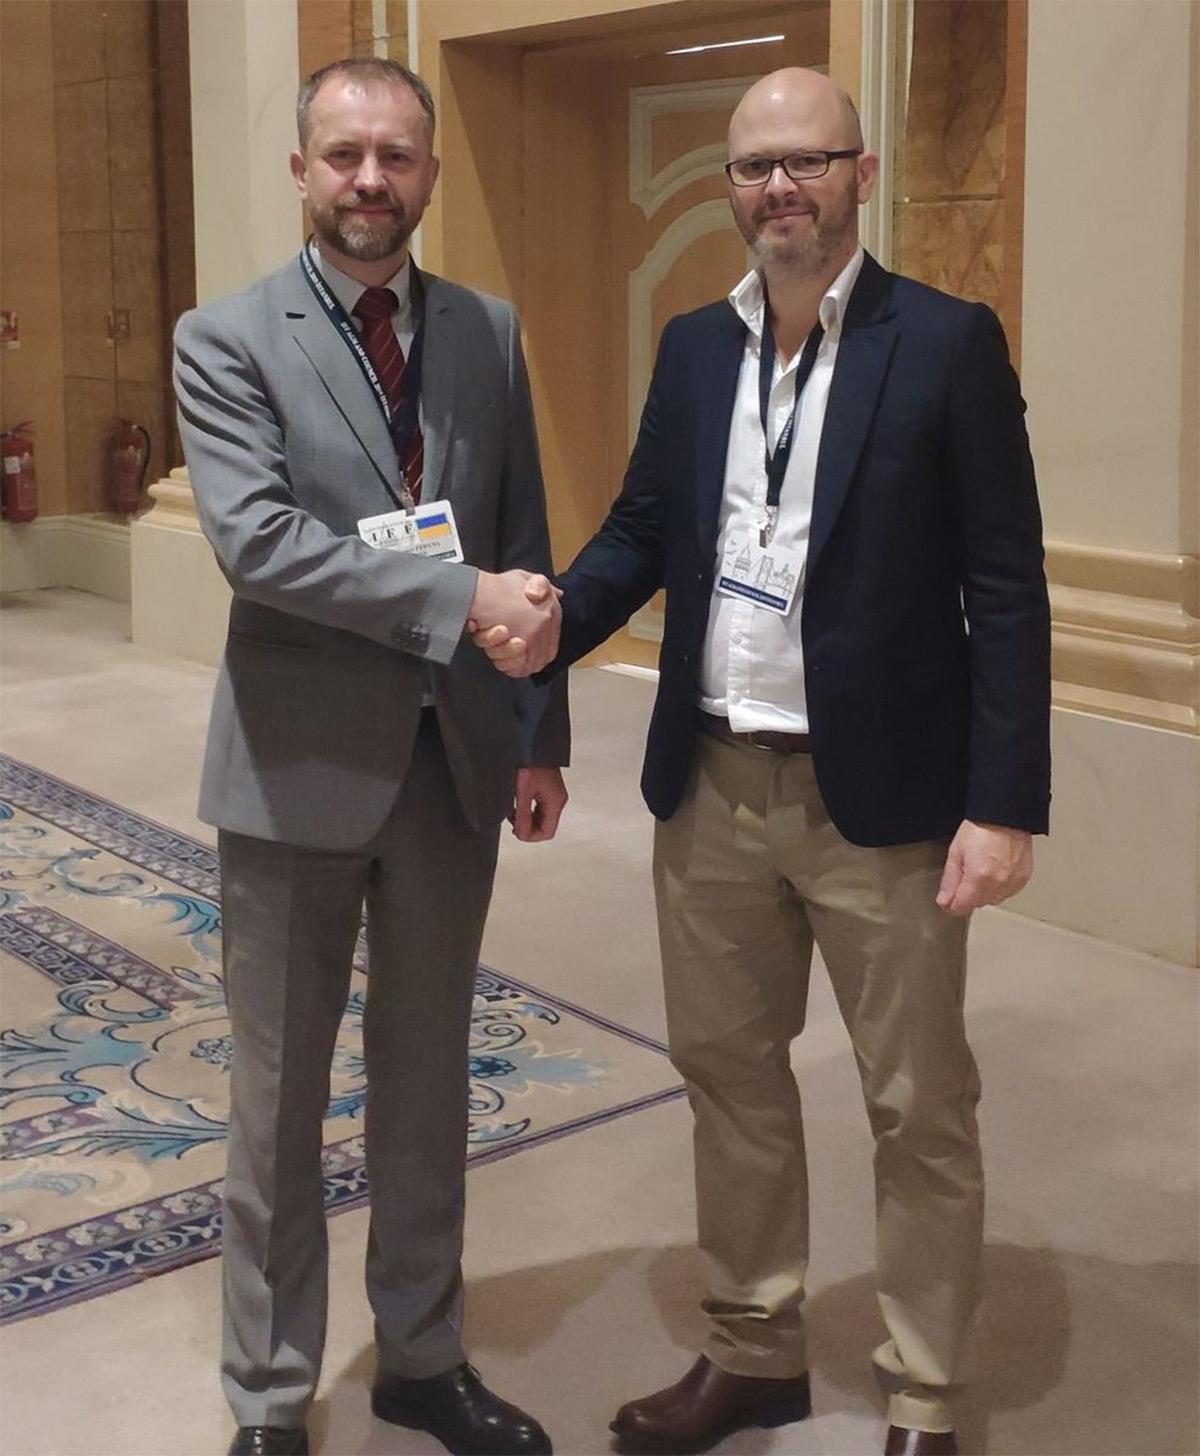 Владимир Федина (слева) и Пол Стокалл, директор IFF по вопросам стандартов и устойчивого развития